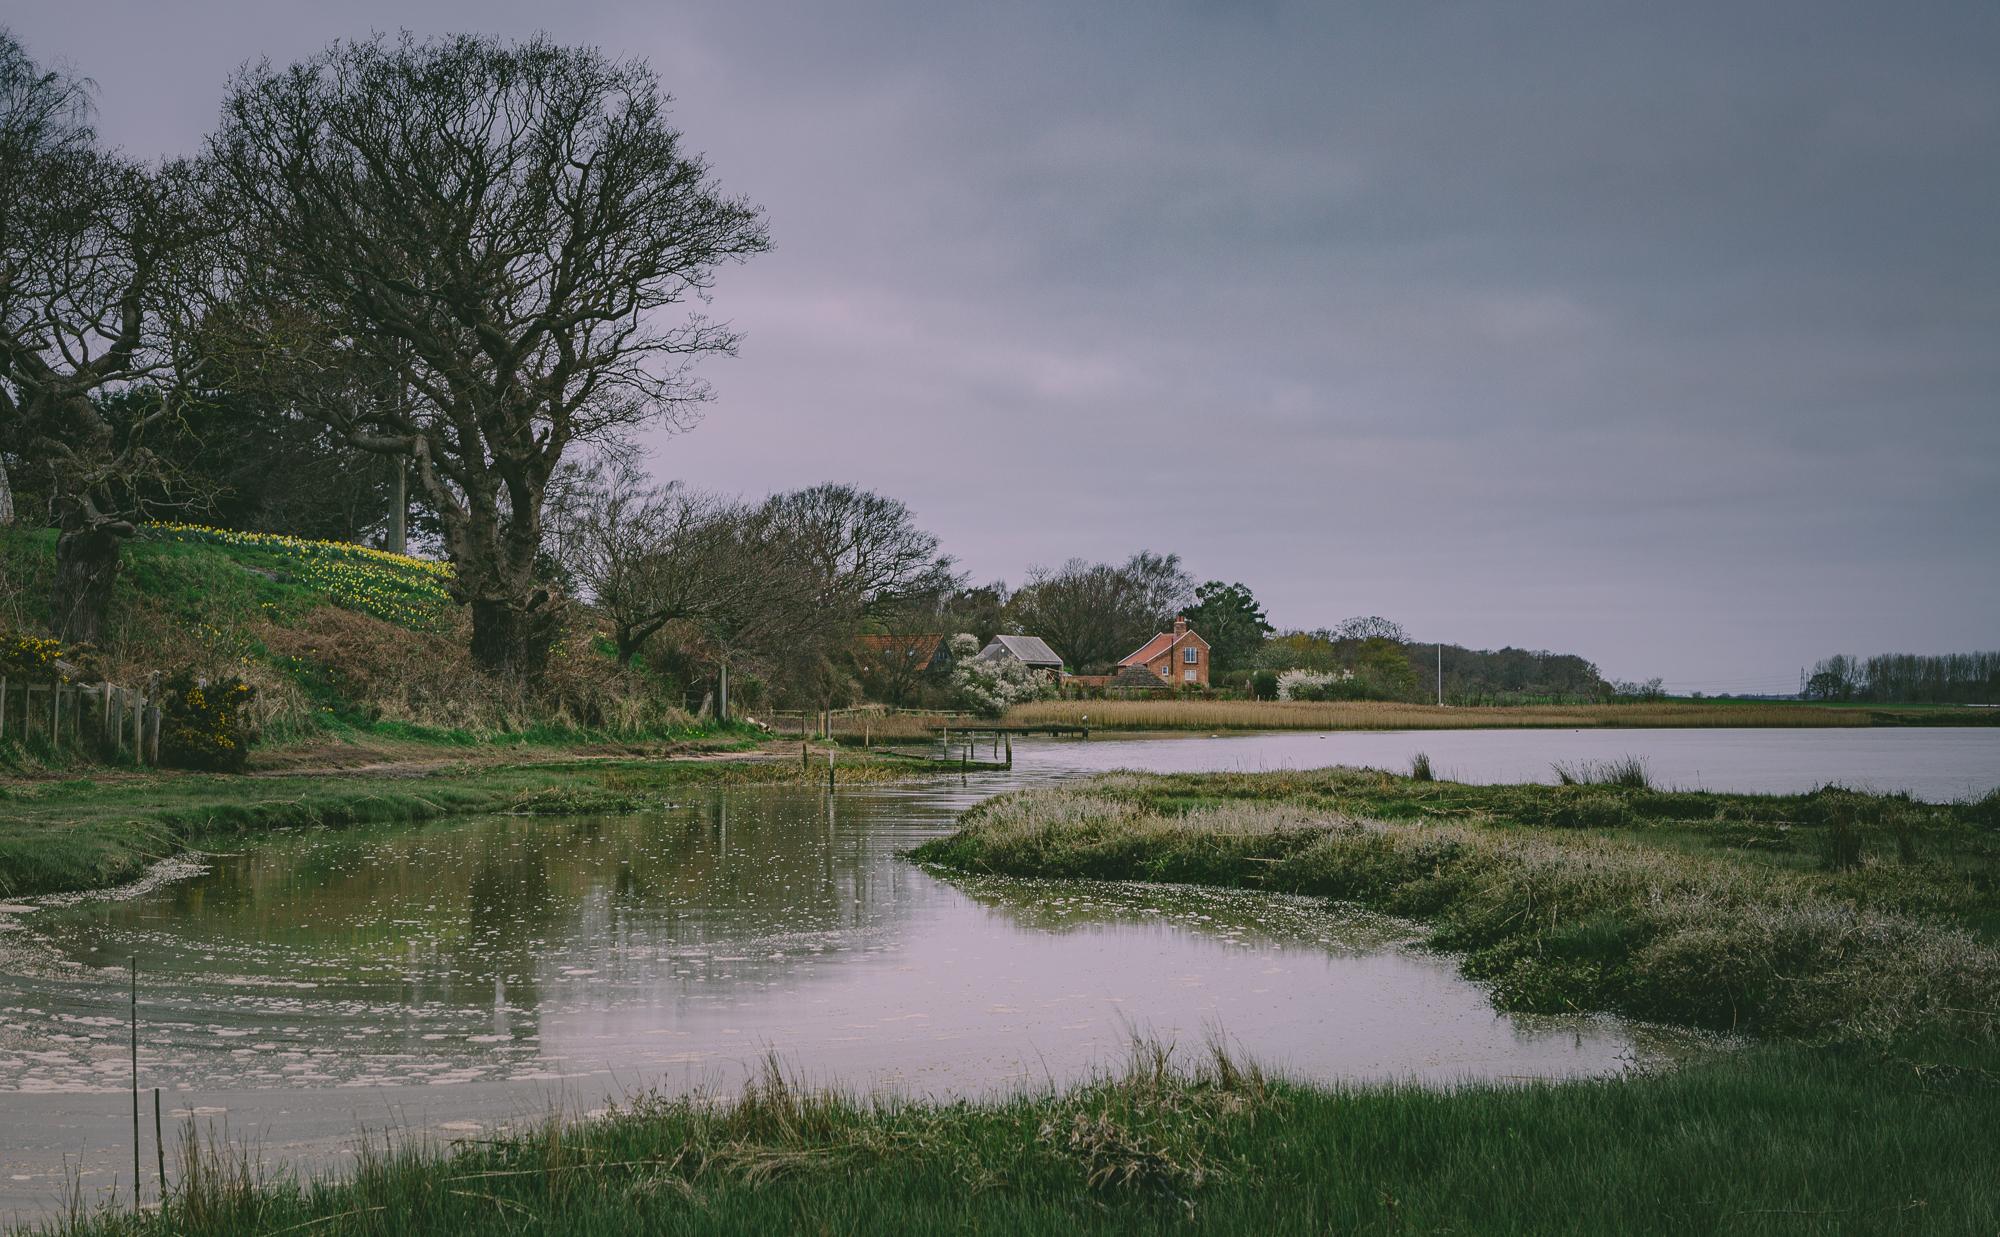 Provincial, Iken, Suffolk